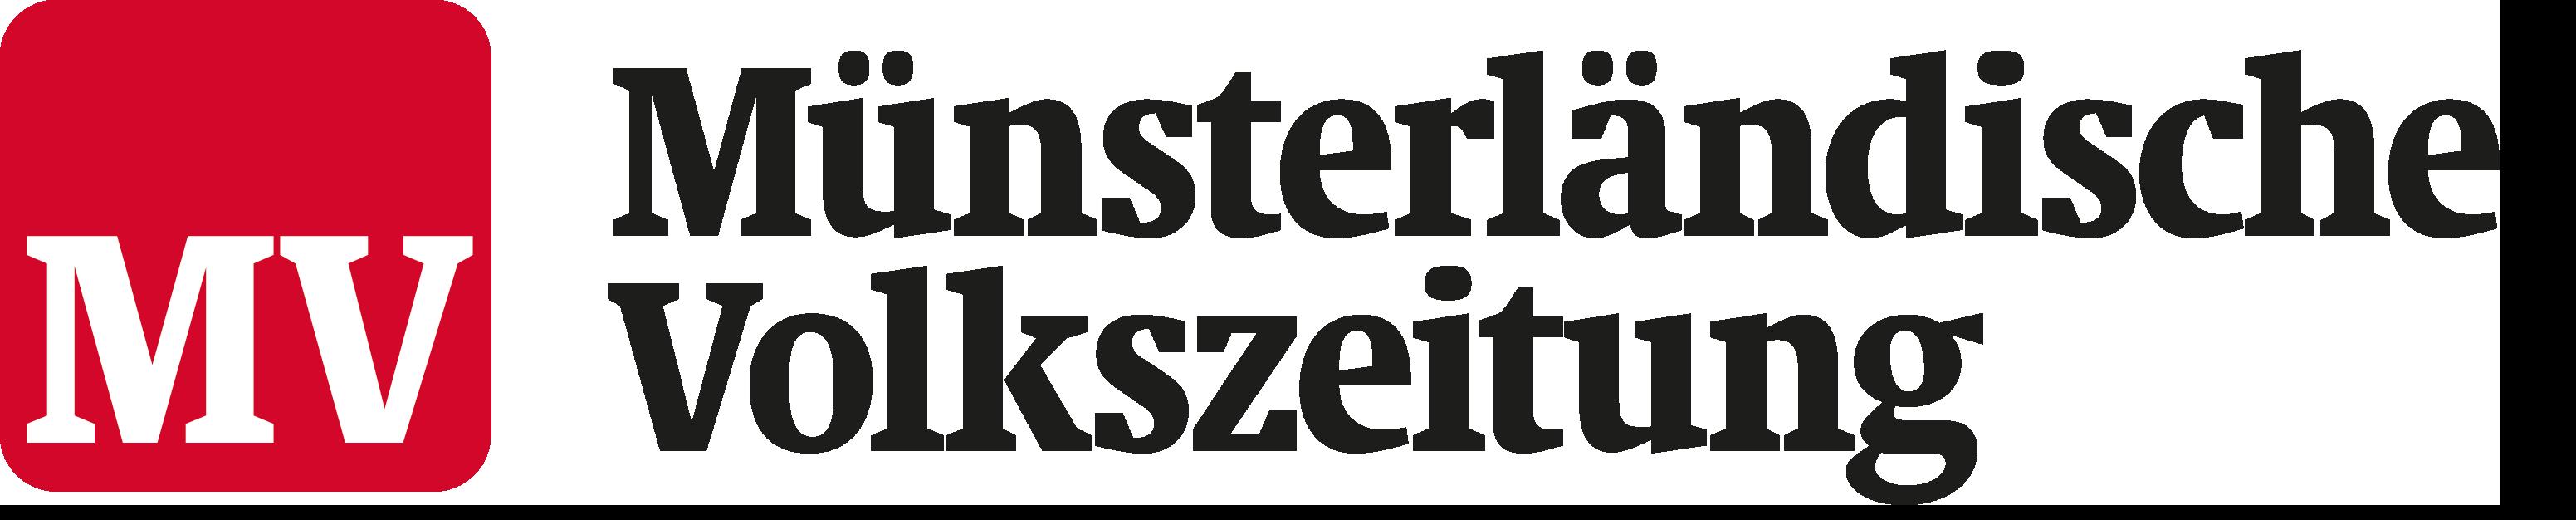 Logo von Münsterländische Volkszeitung